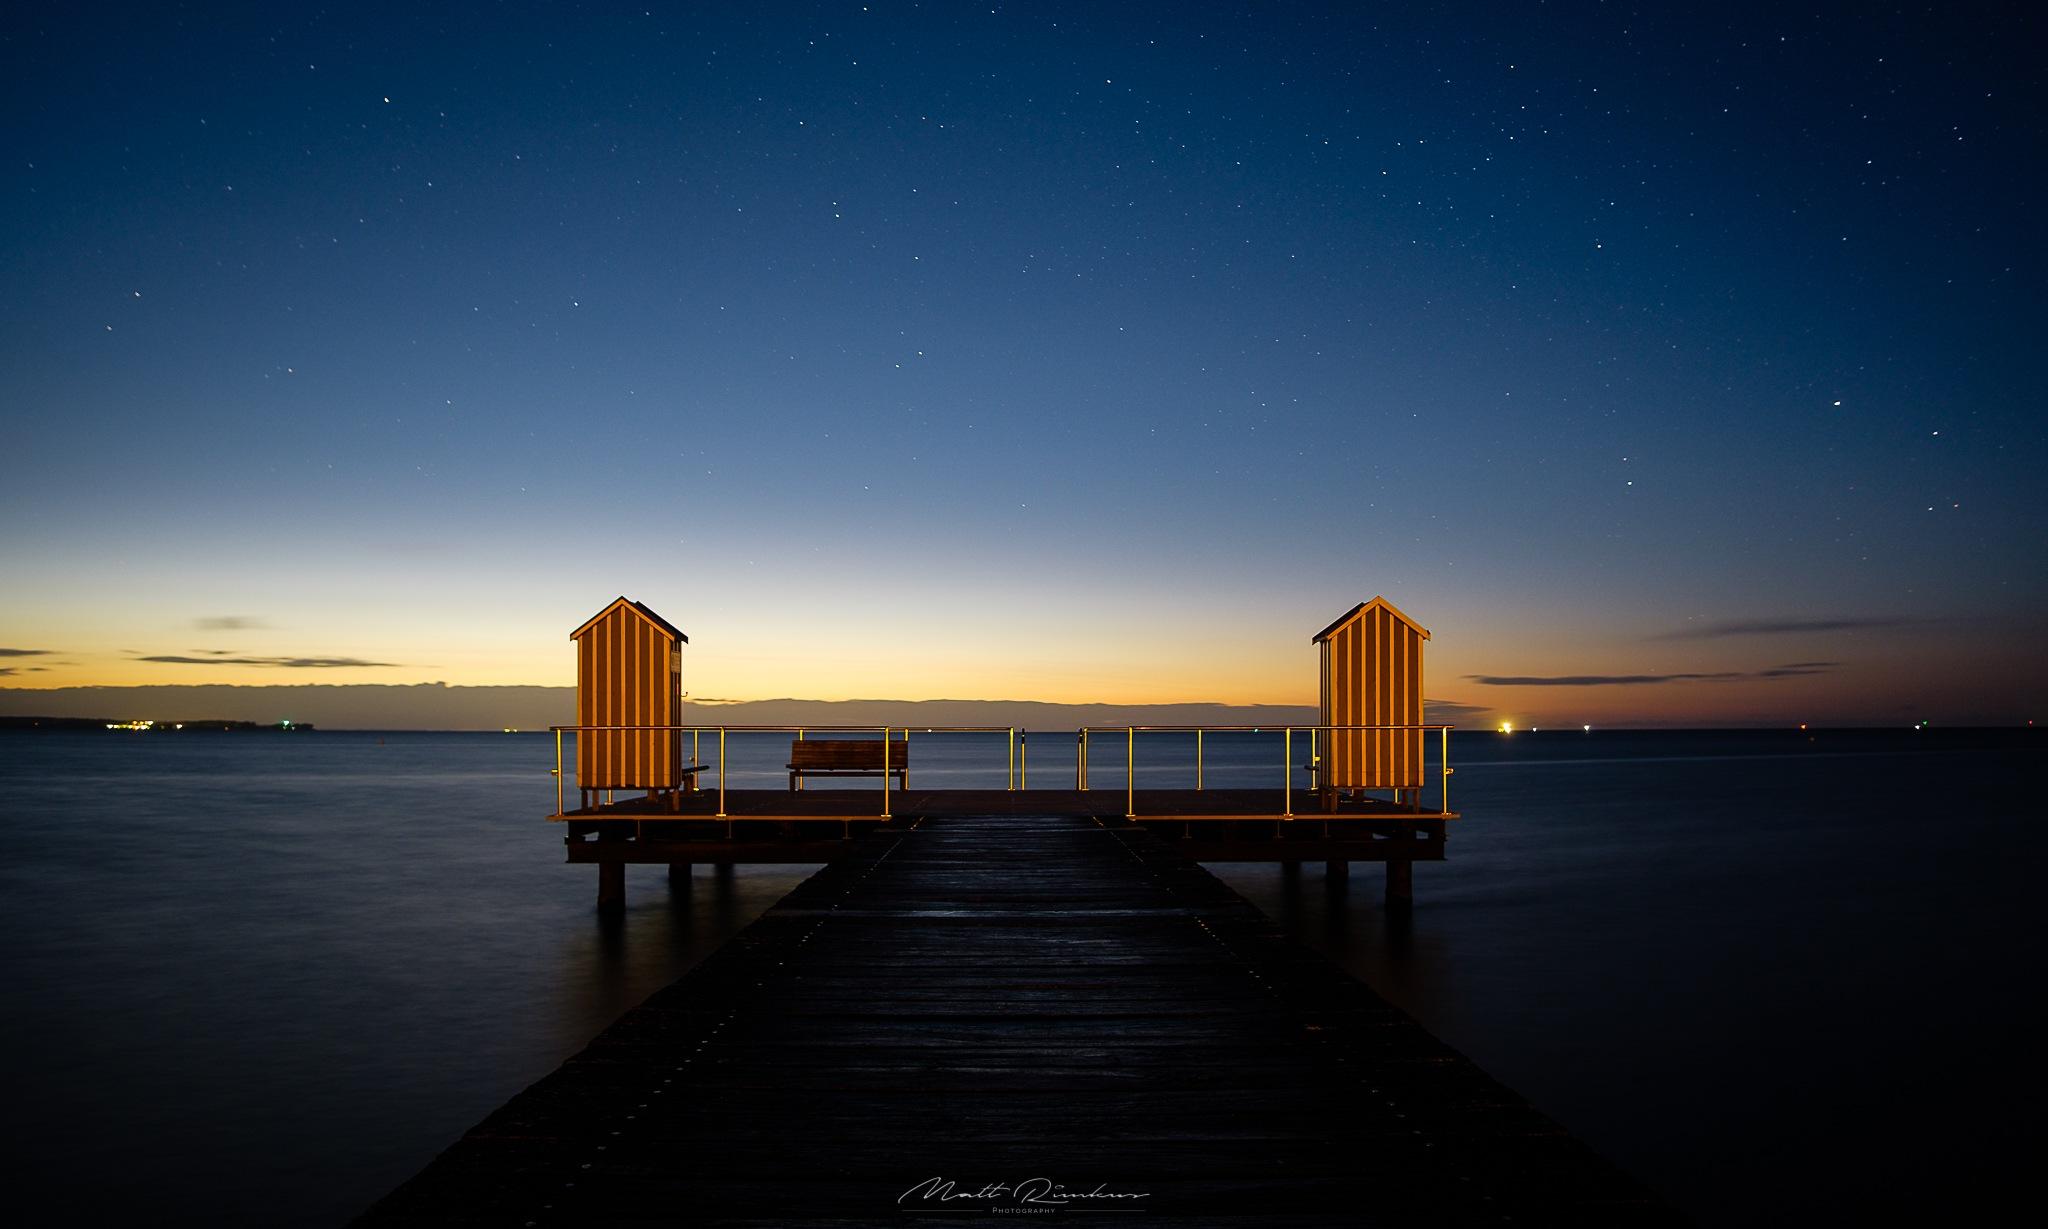 Waiting for the Stars by Matt Rimkus